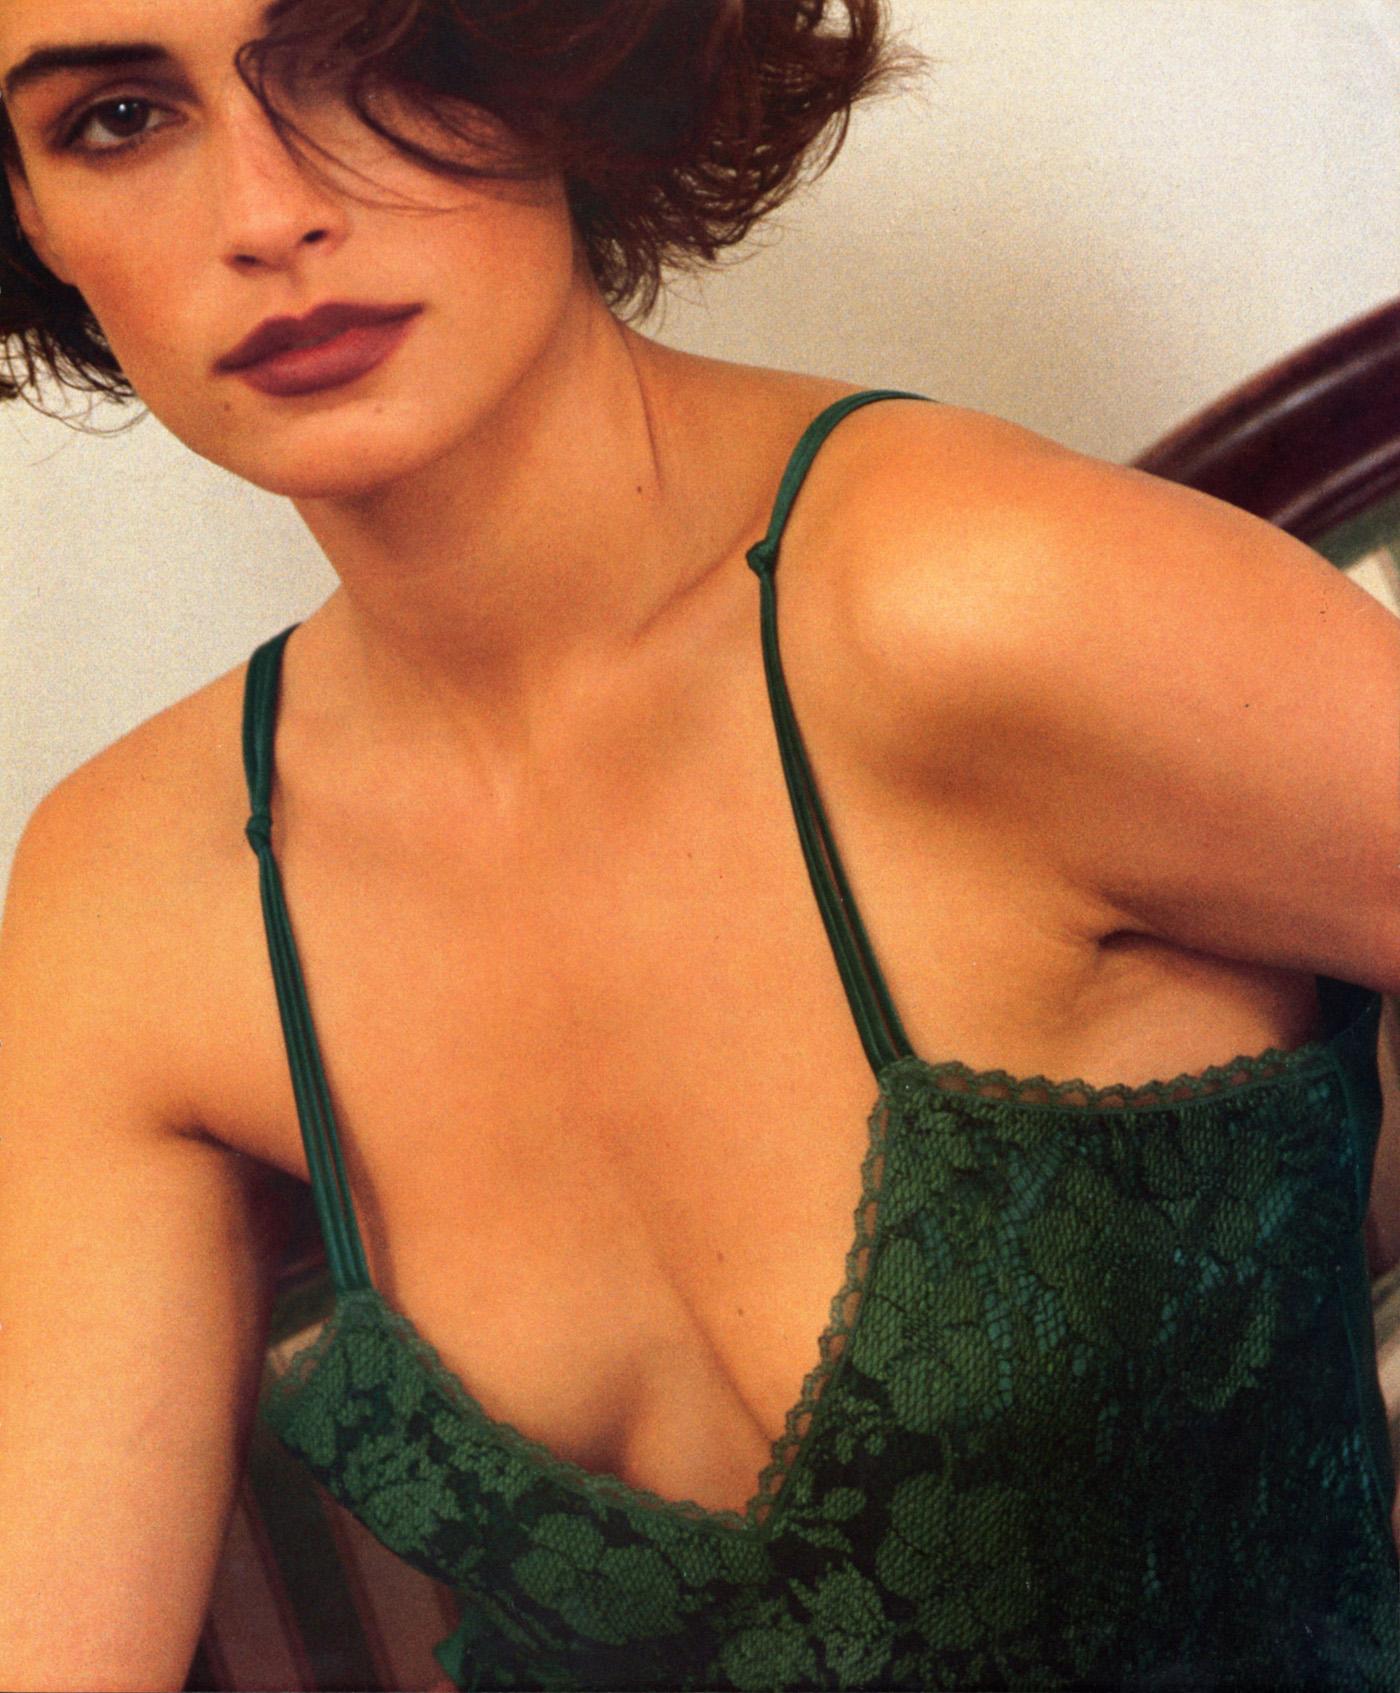 Paranorman hot sister naked